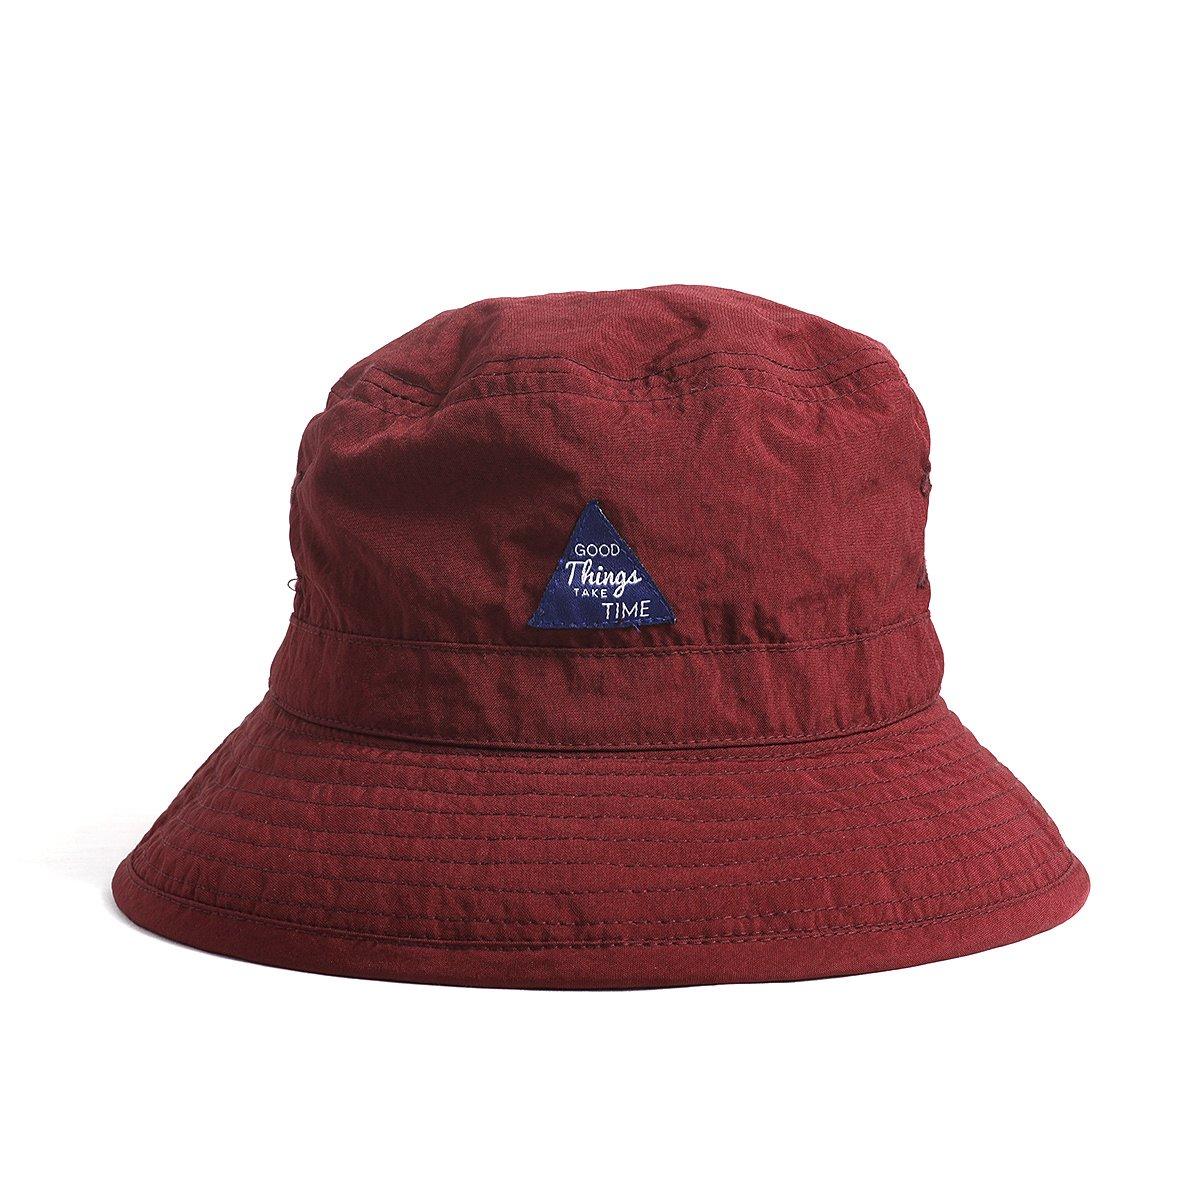 【KIDS】Laugh Mat Hat 詳細画像3